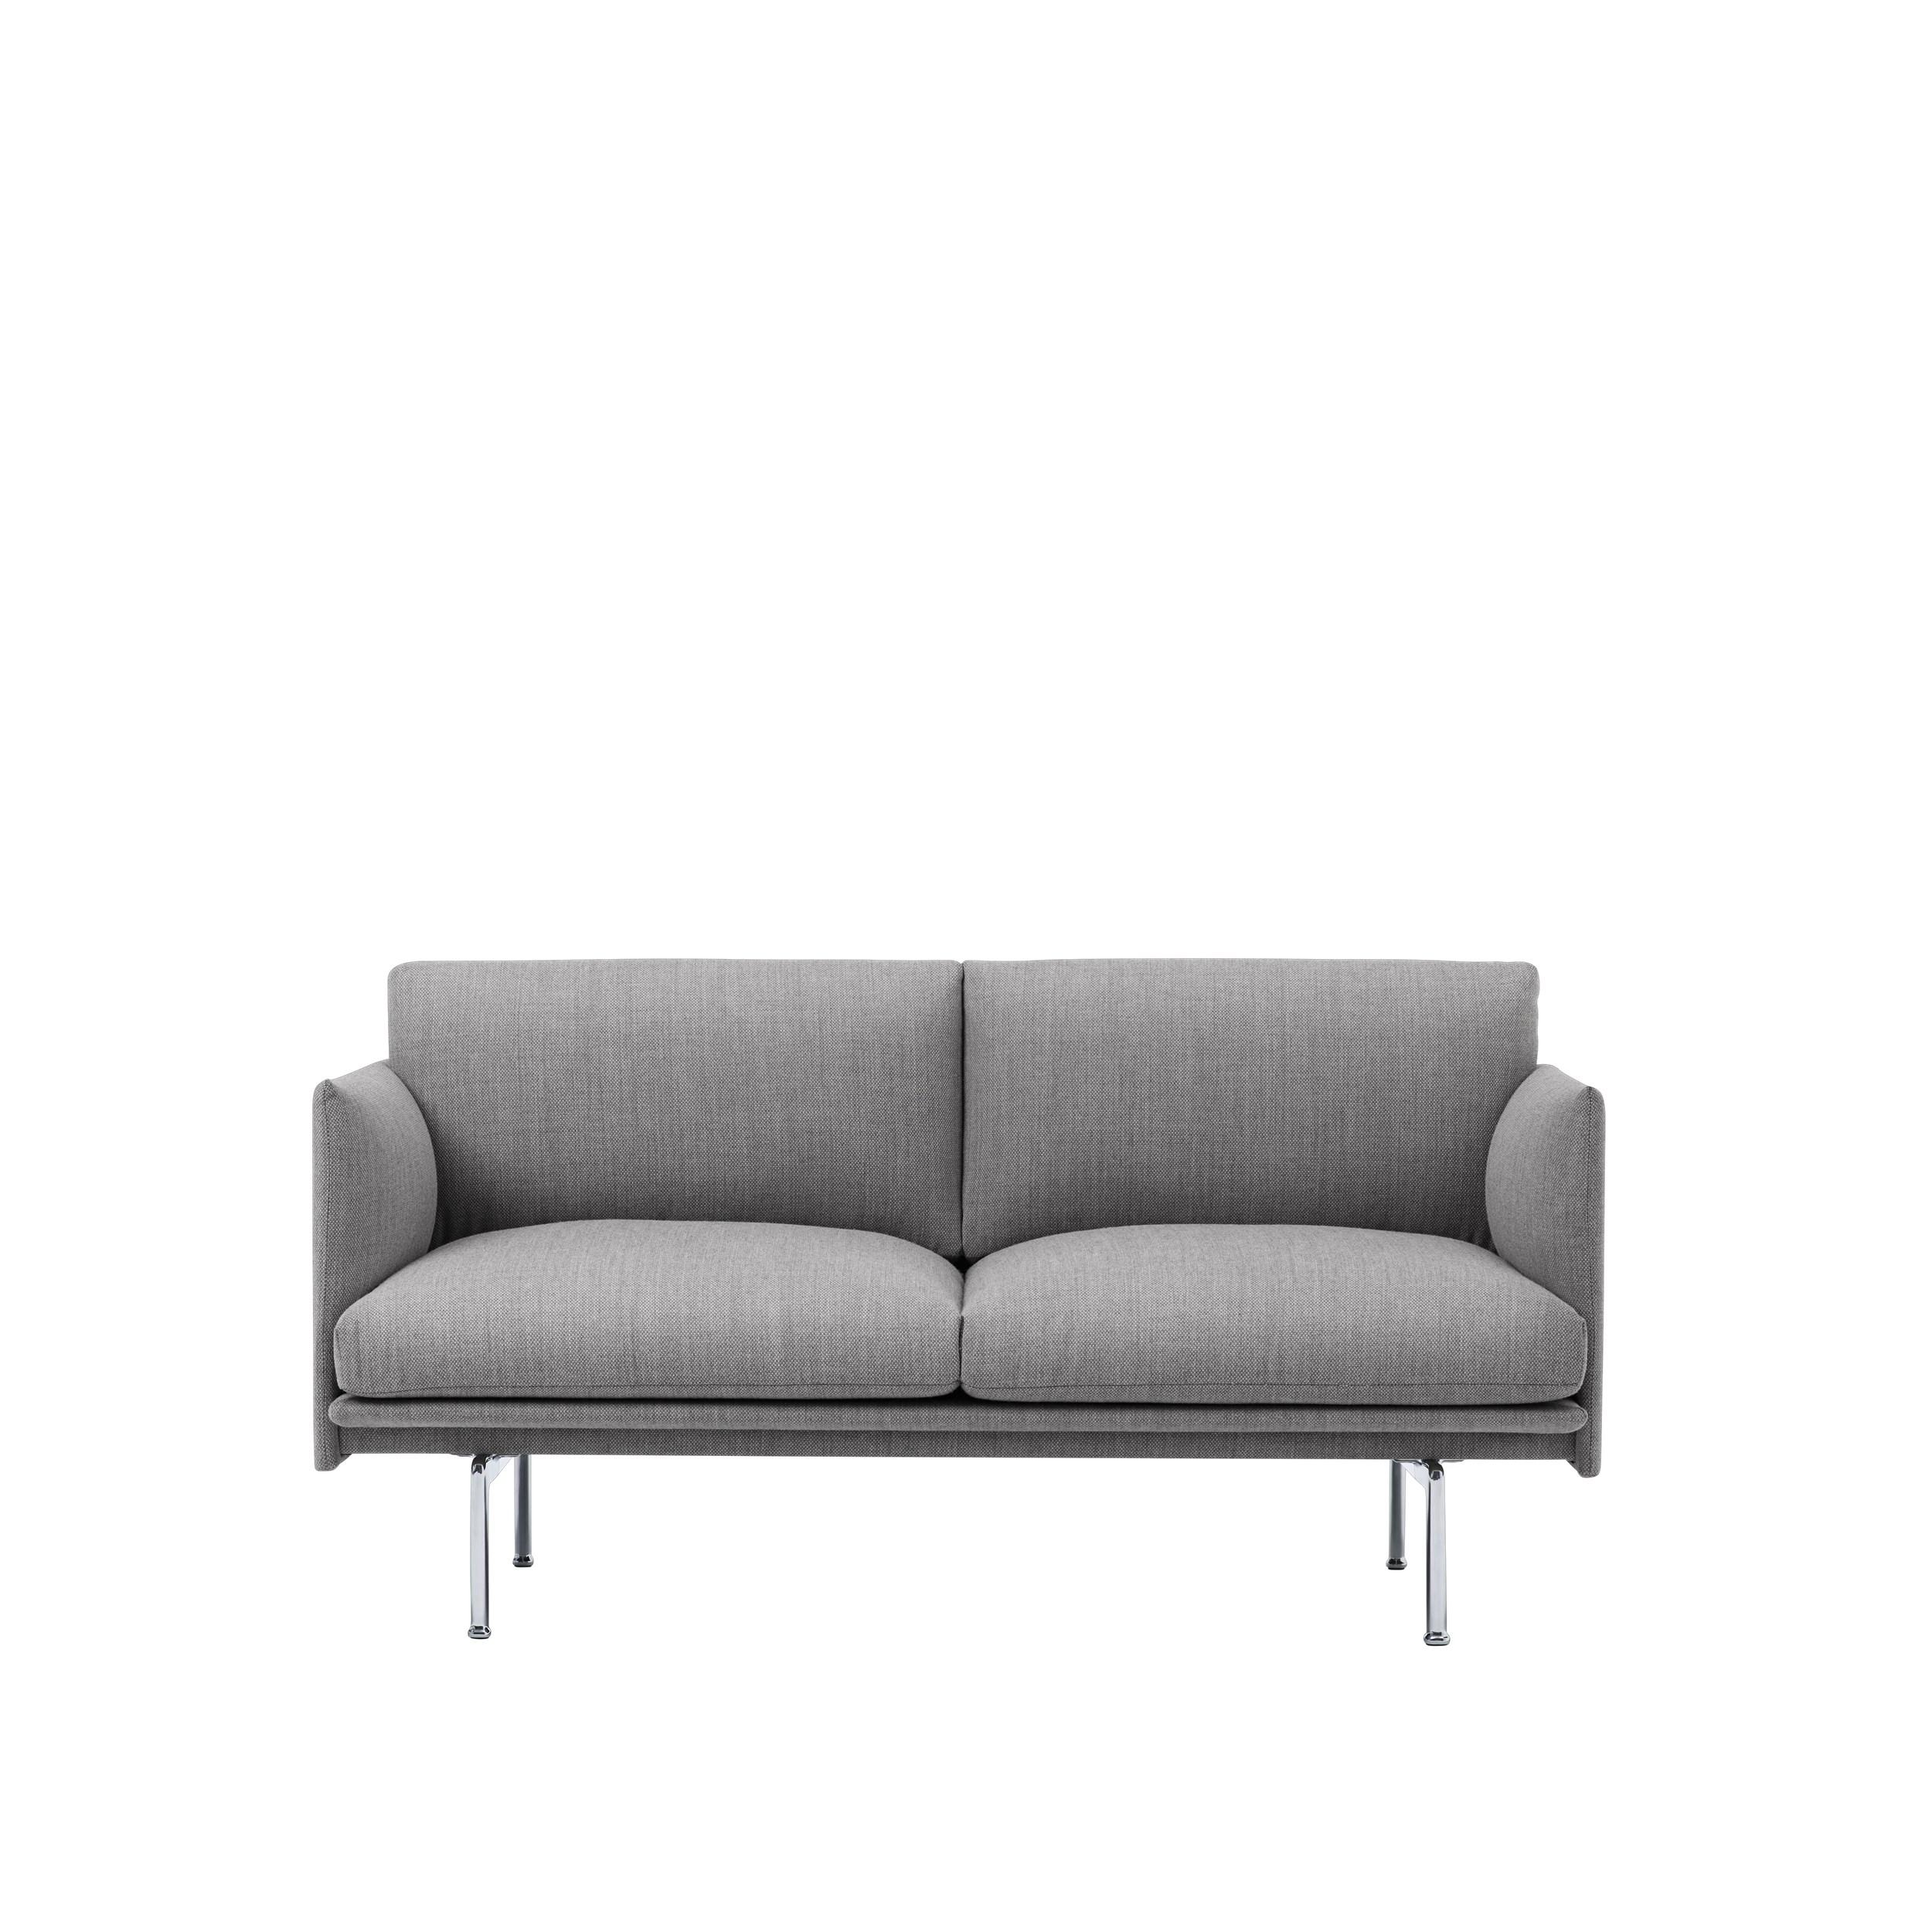 Outline Sofa 170cm Alum base